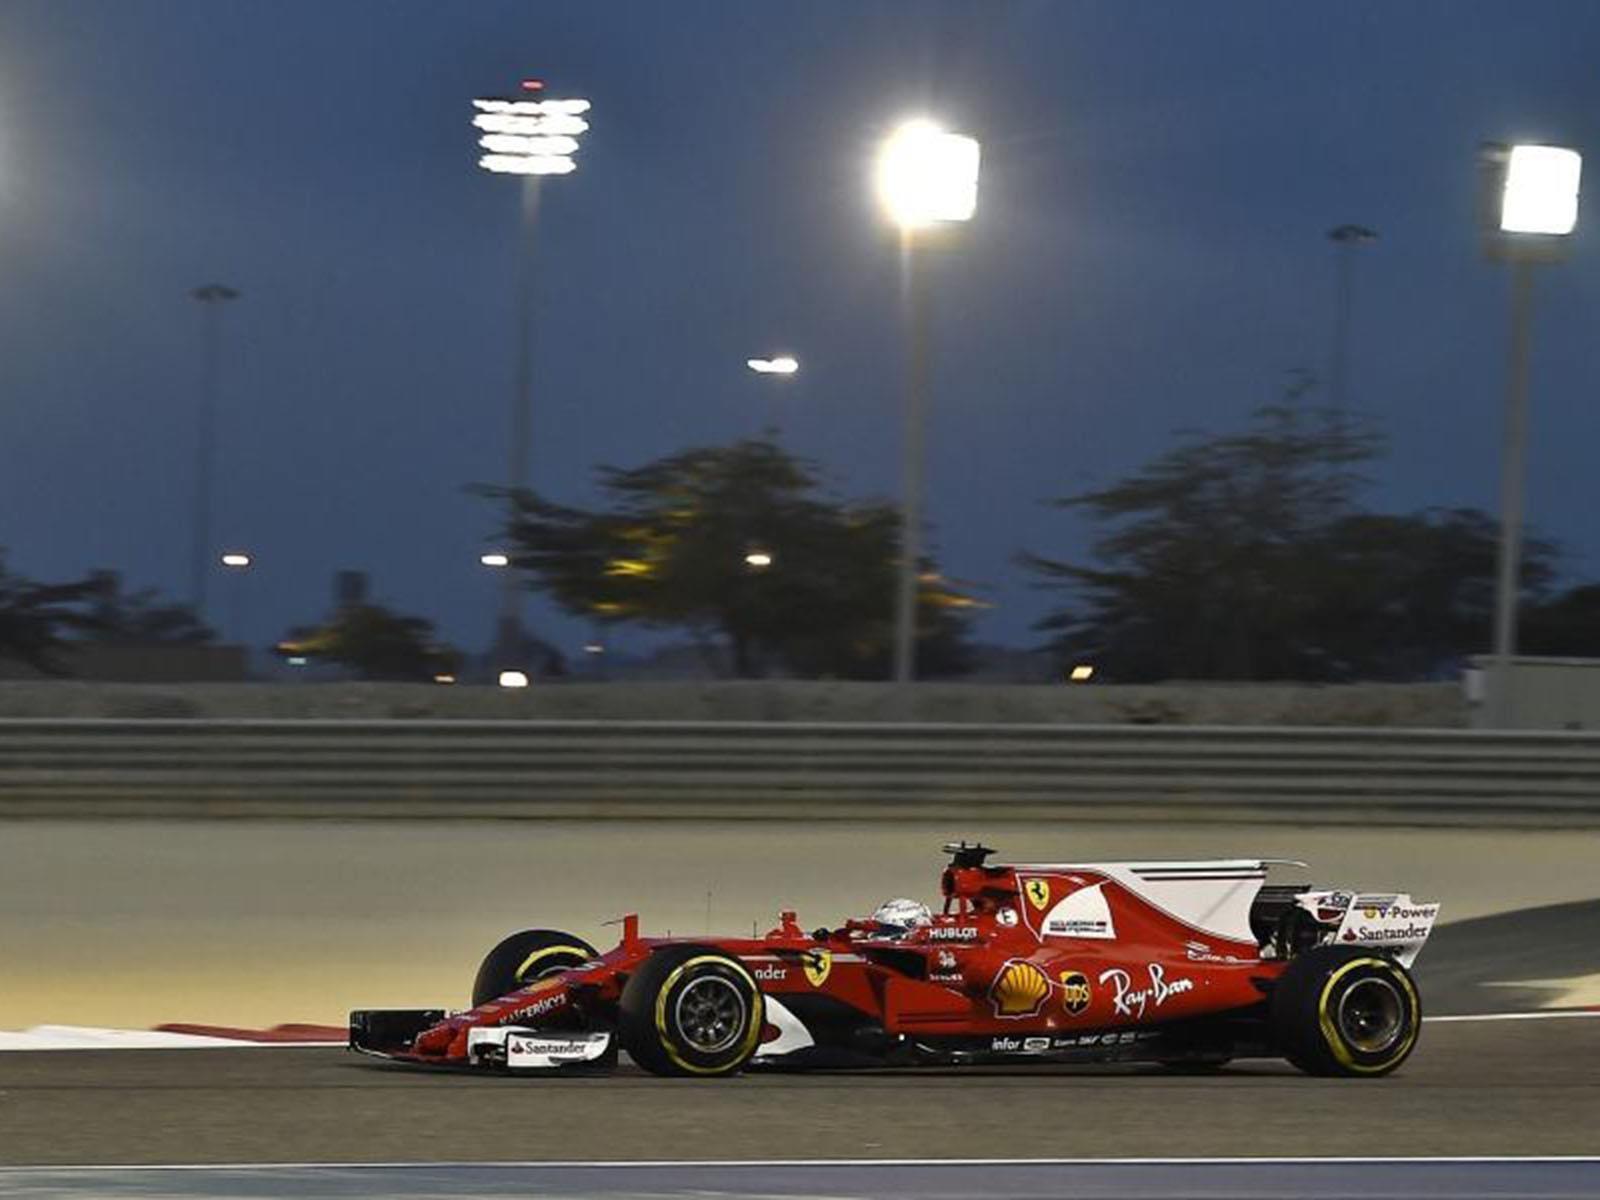 F1 GP de Bahrein 2017: el turno de Vettel